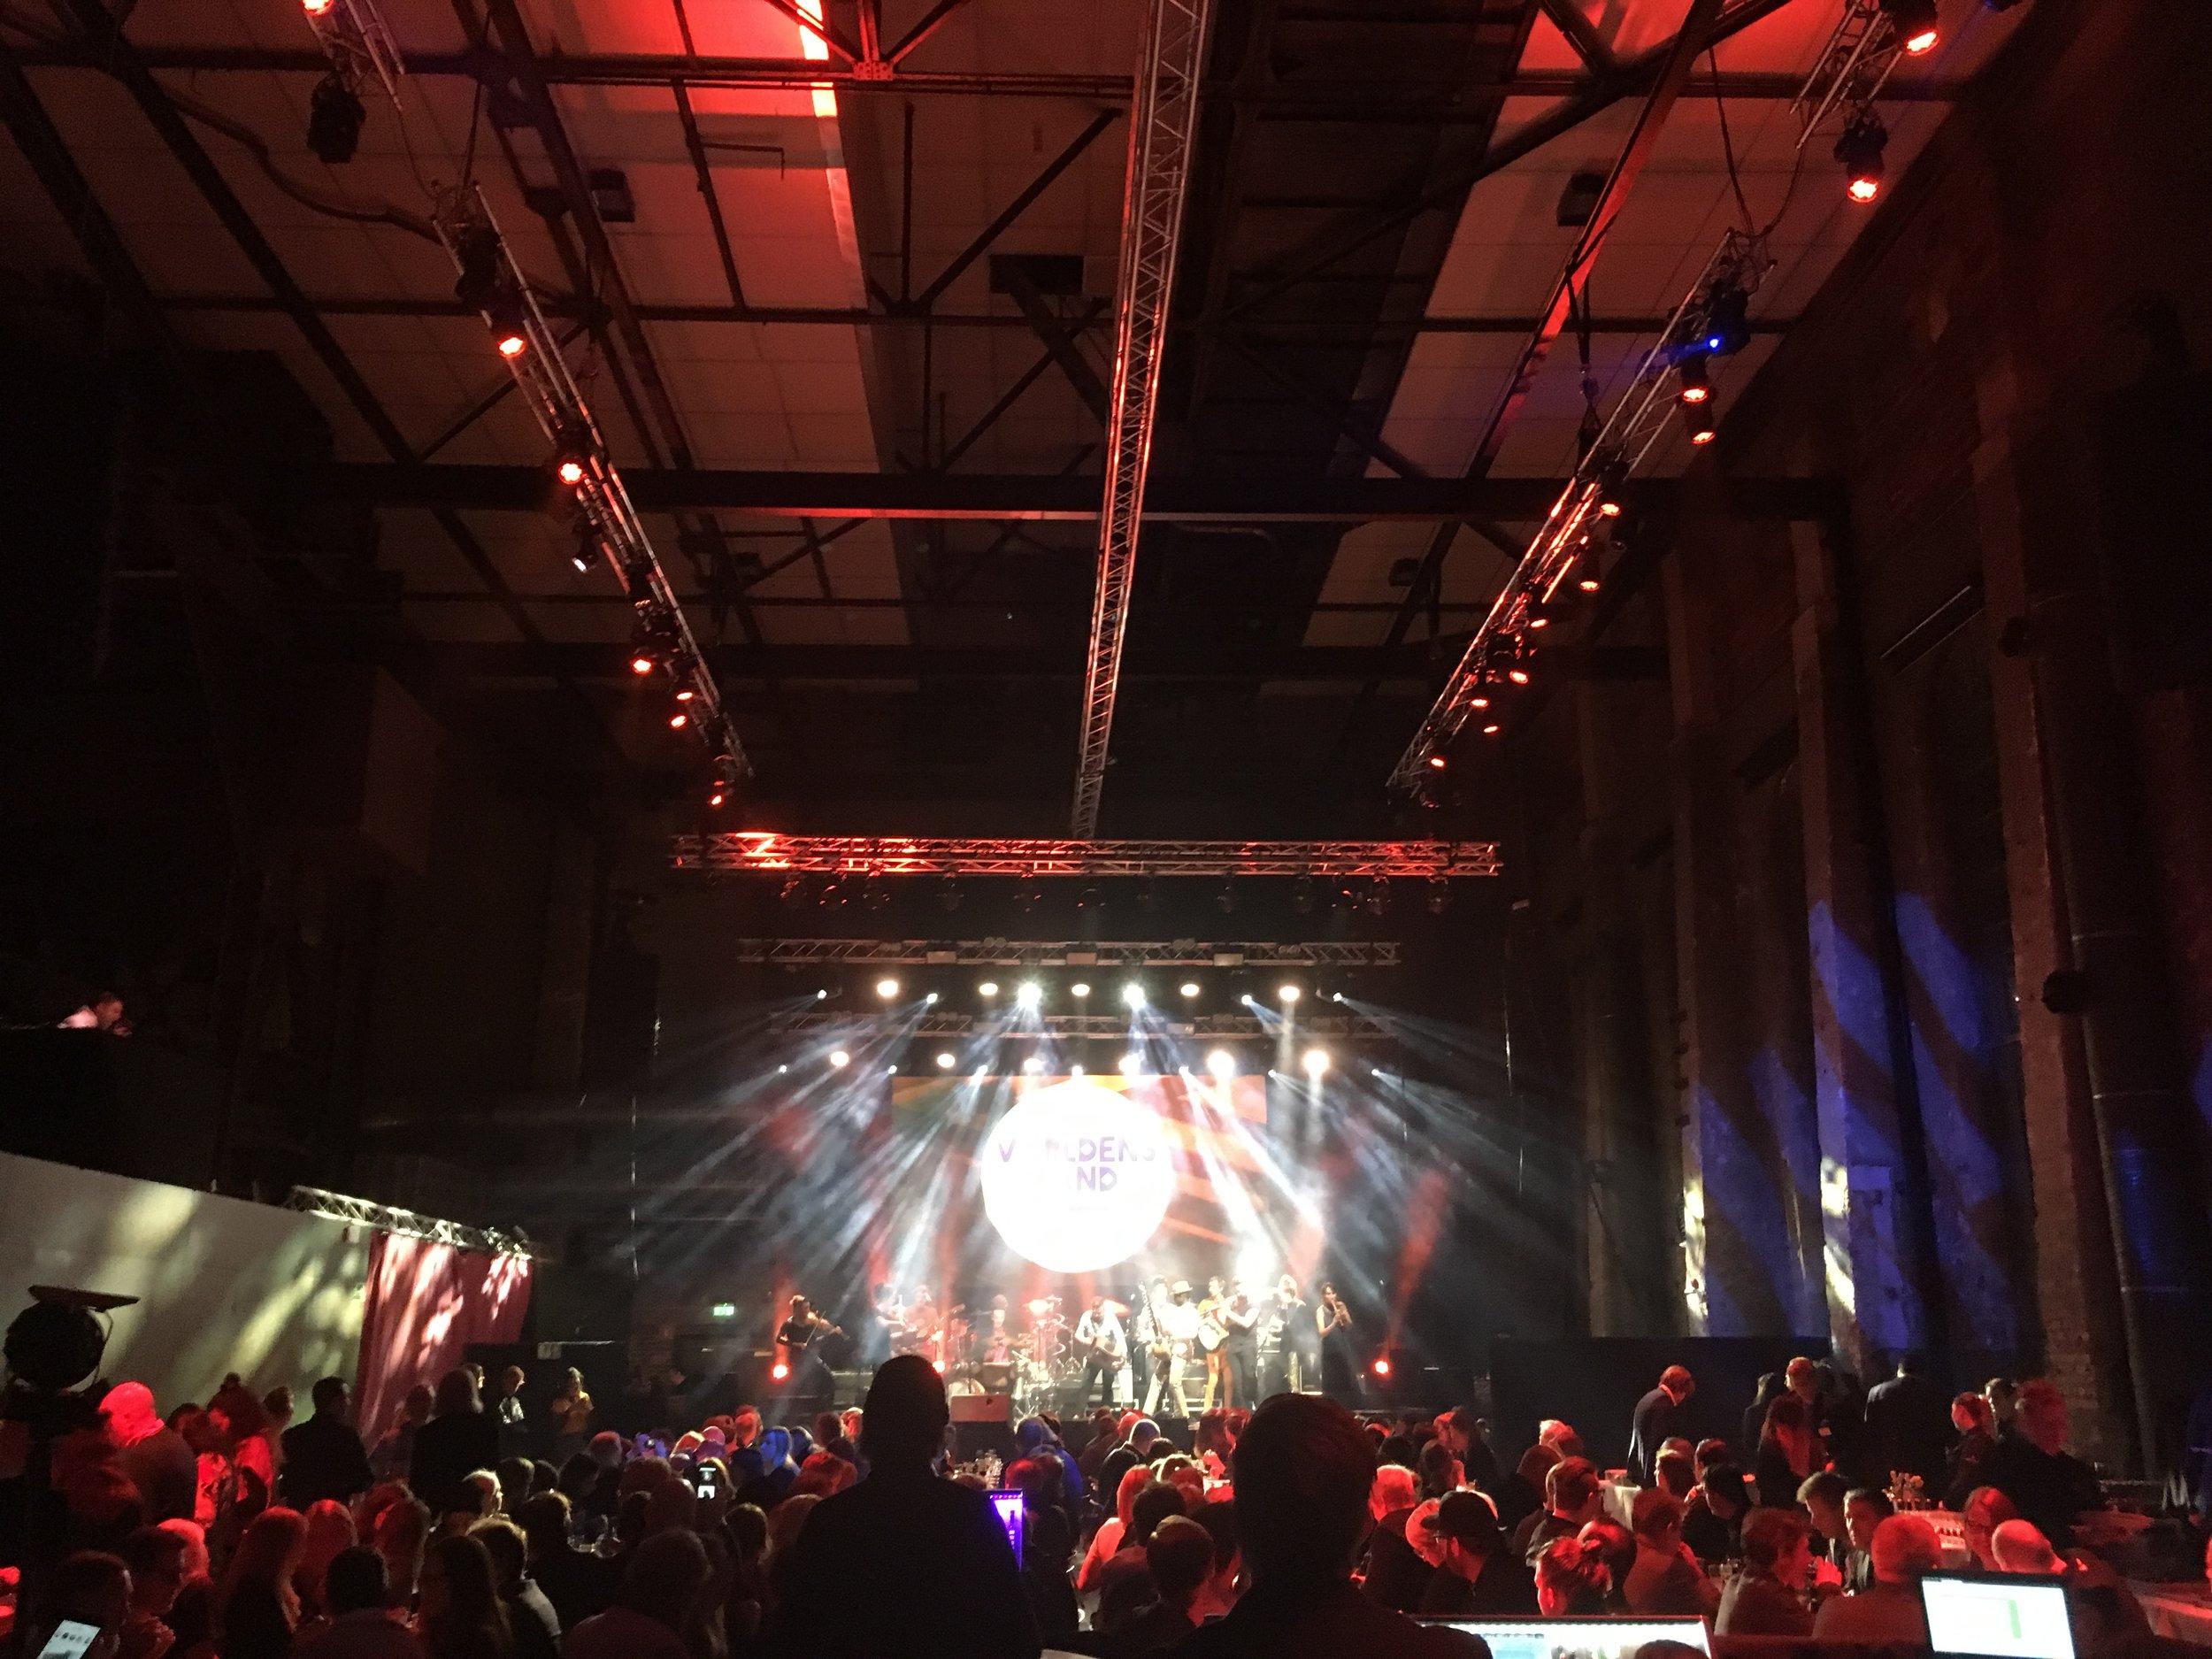 Showcase i Värmekyrkan!